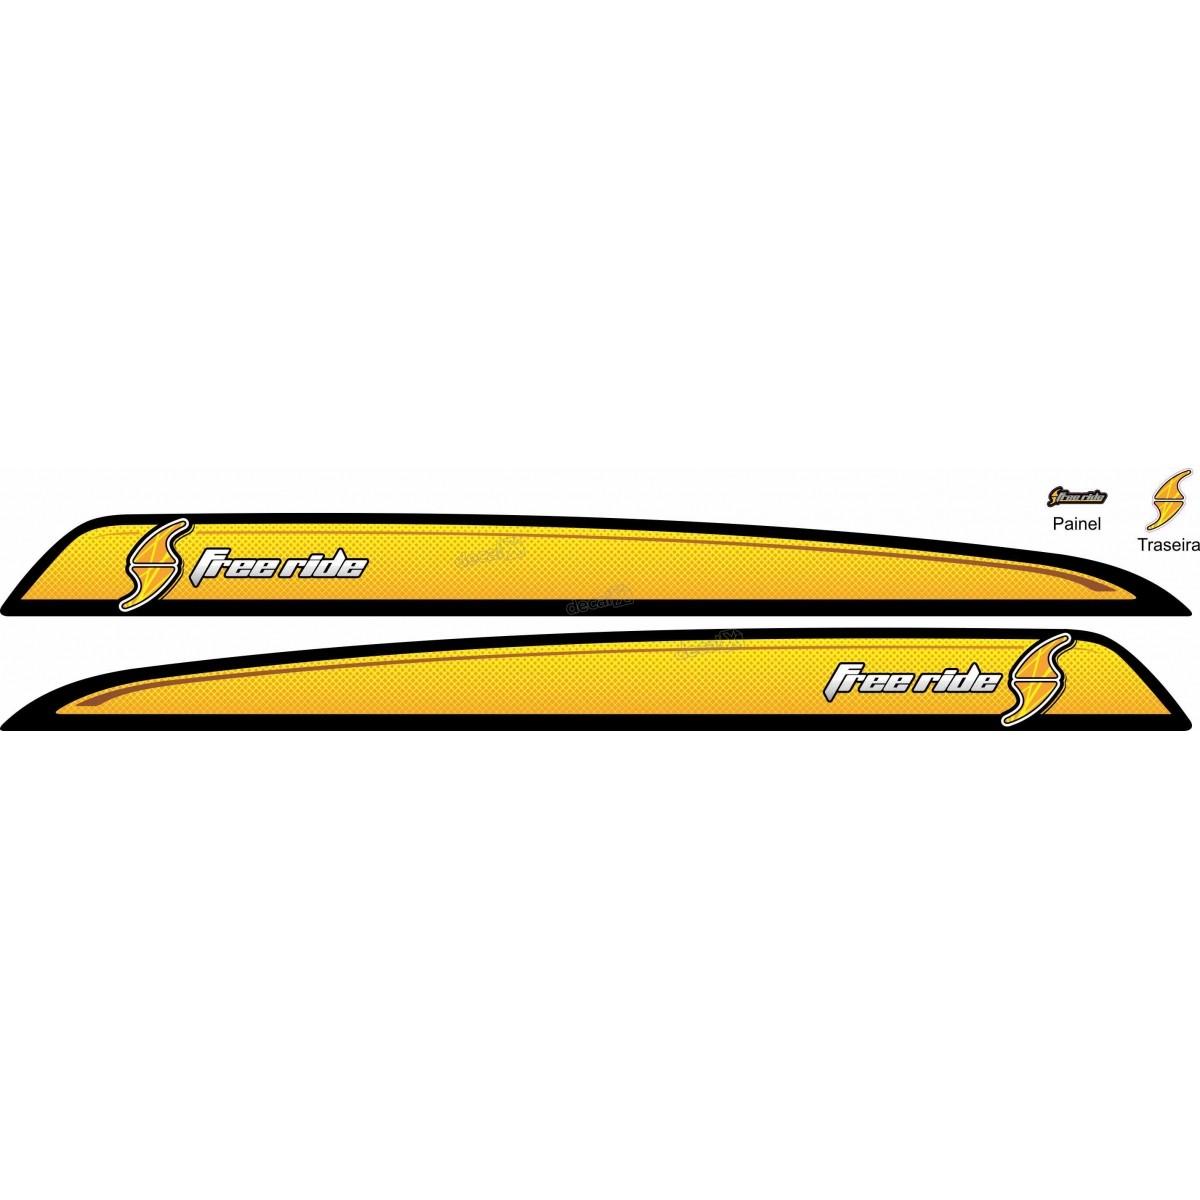 Adesivo Faixa Lateral Chevrolet Tracker Free Ride Tkr003